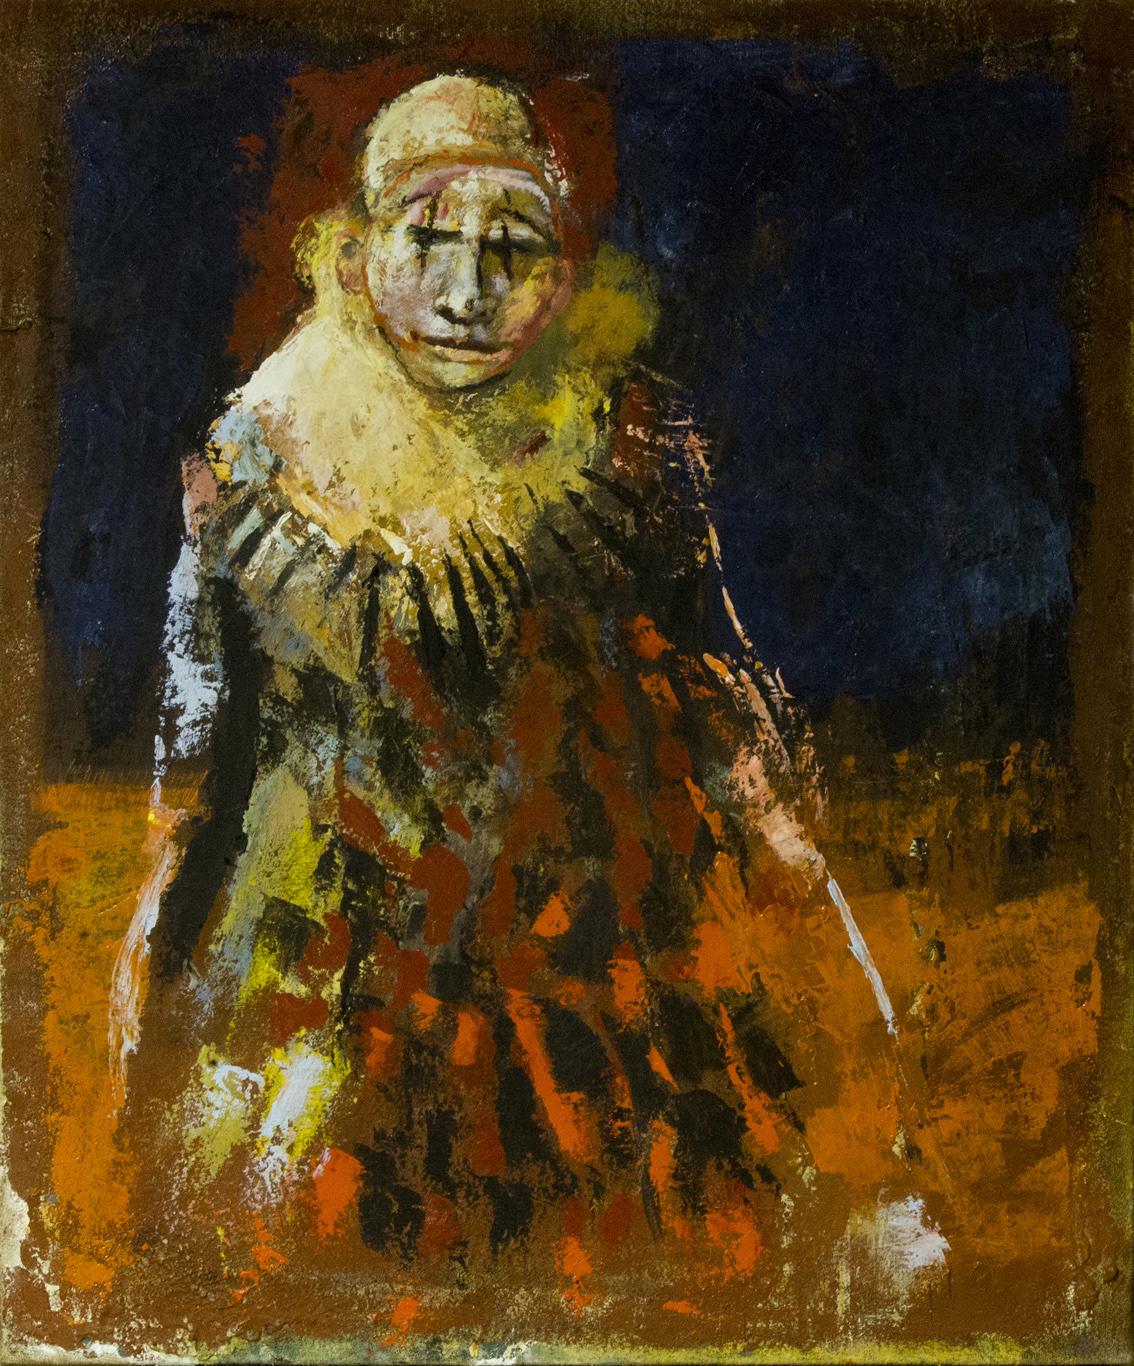 Kokocinski, Tribuno, profeta o pagliaccio-2014